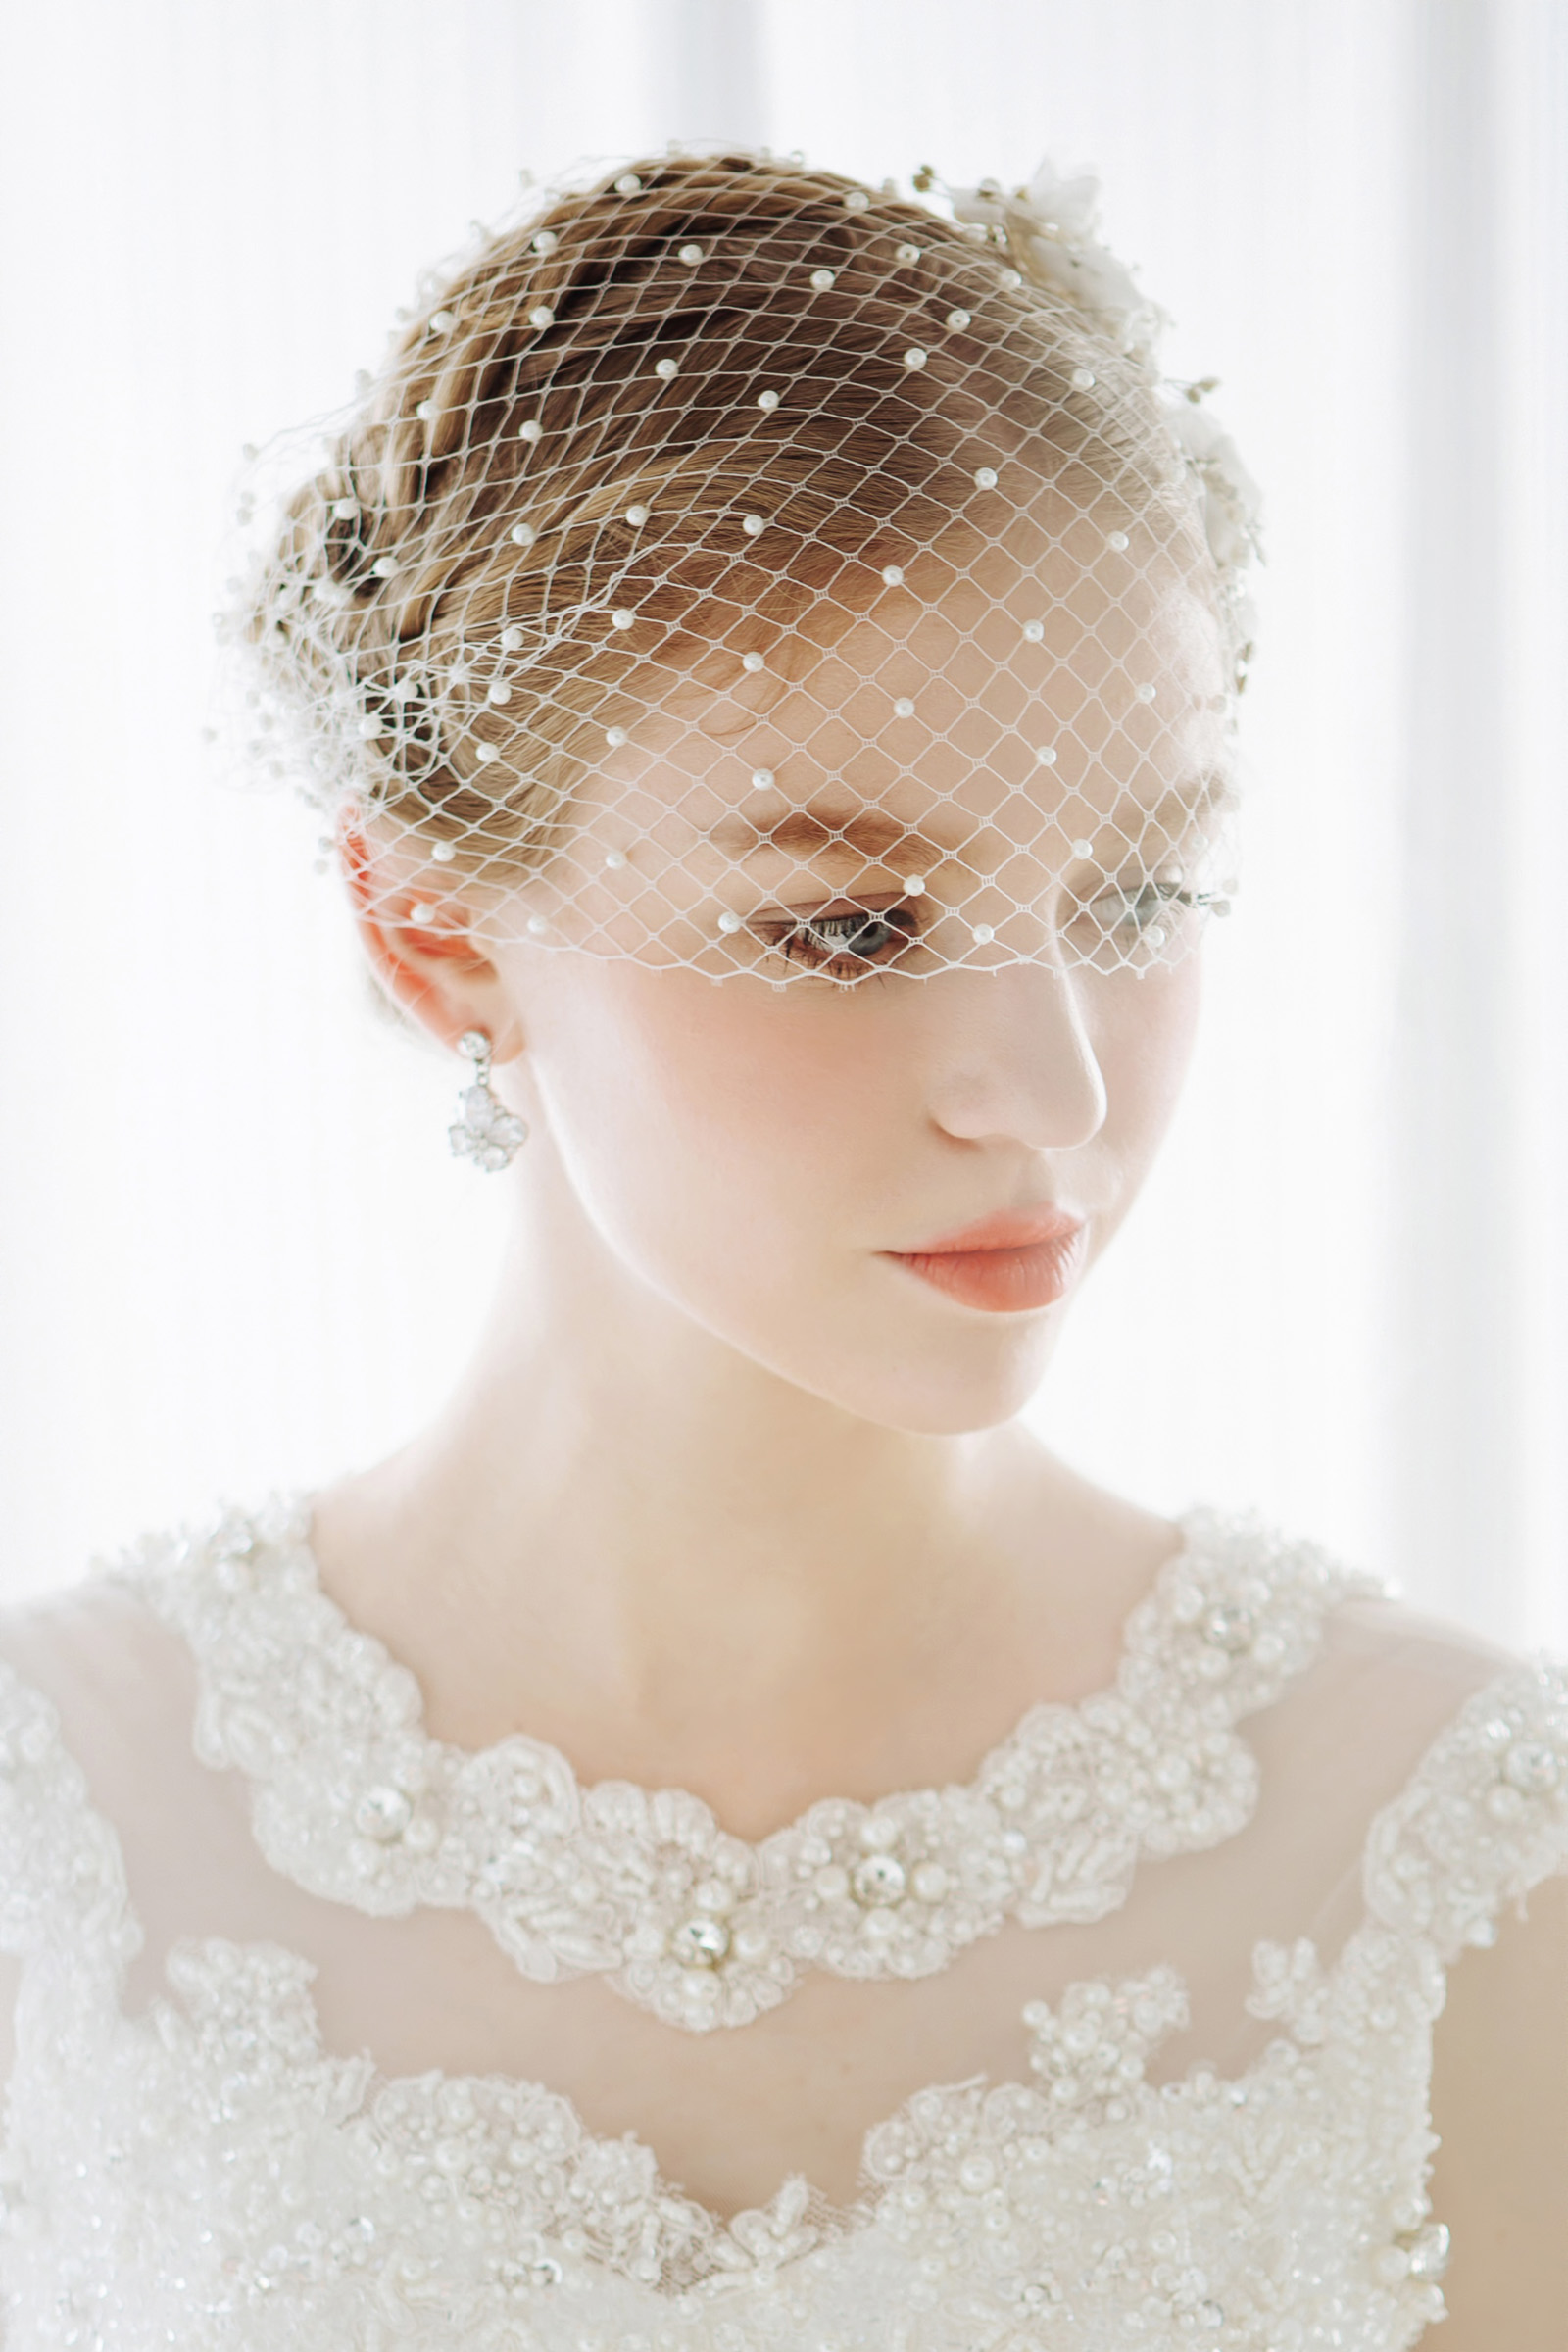 西洋佳丽 唯美婚纱 - 花開有聲 - 花開有聲